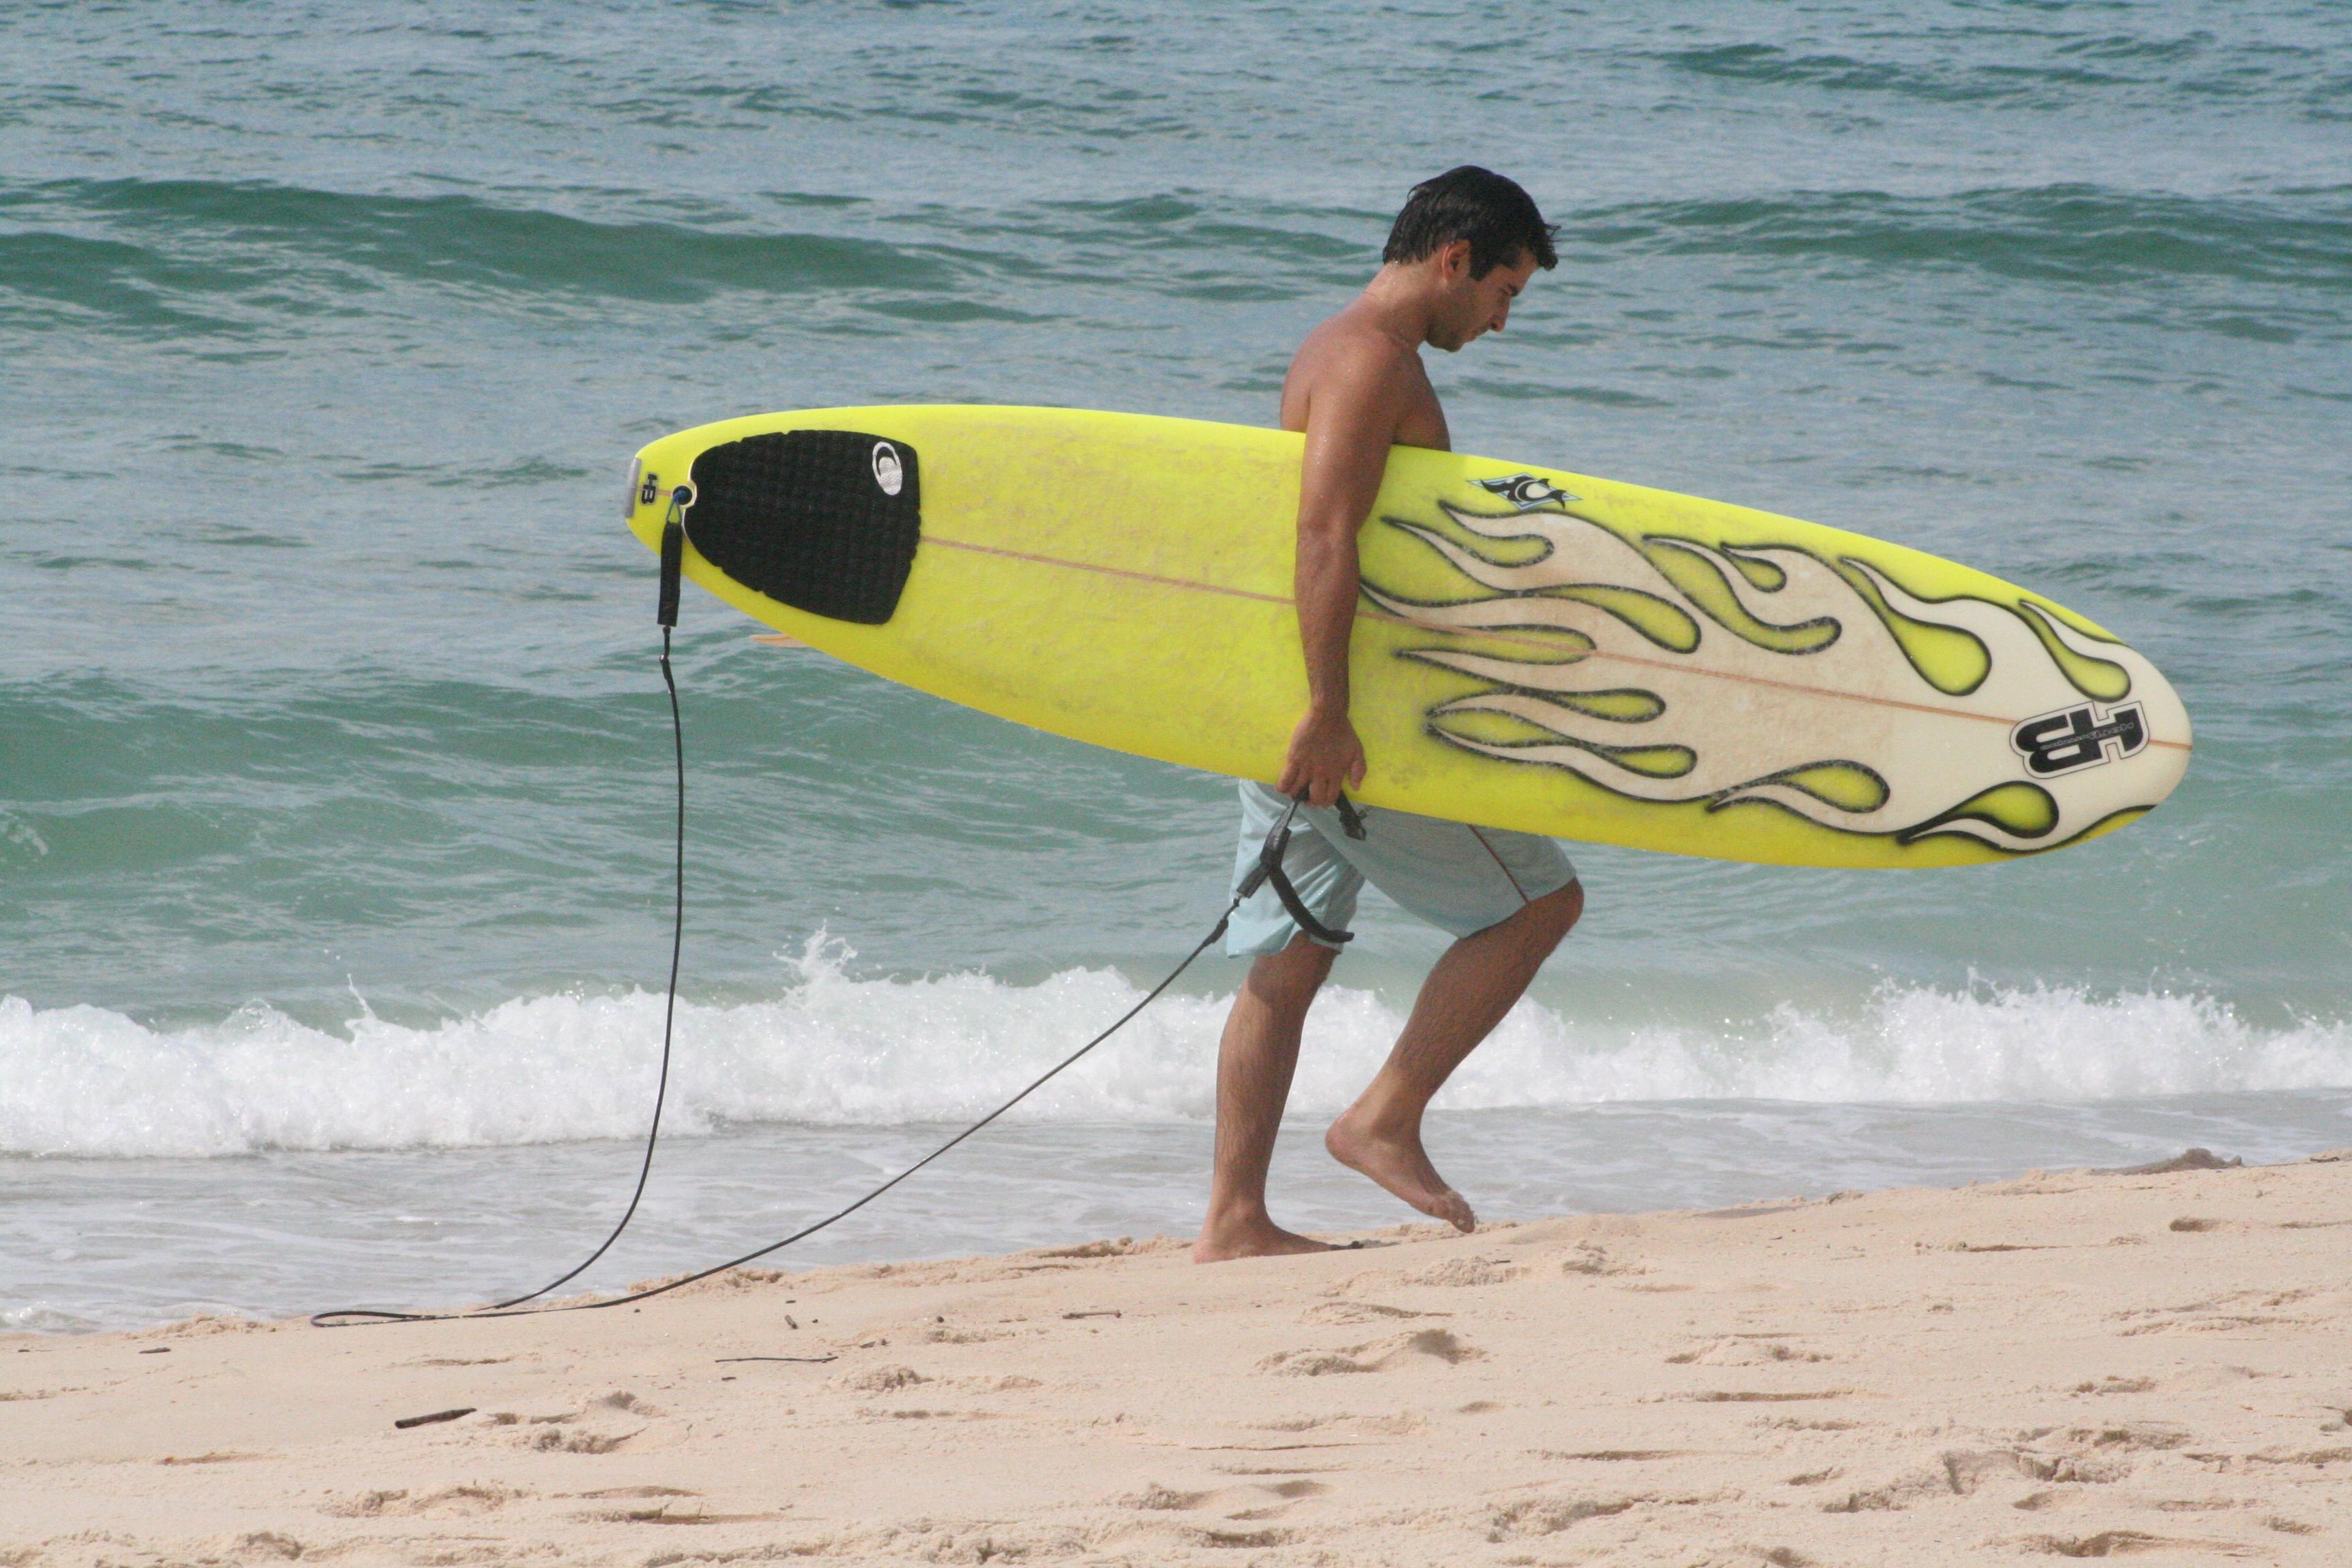 Beach bum and sports fun